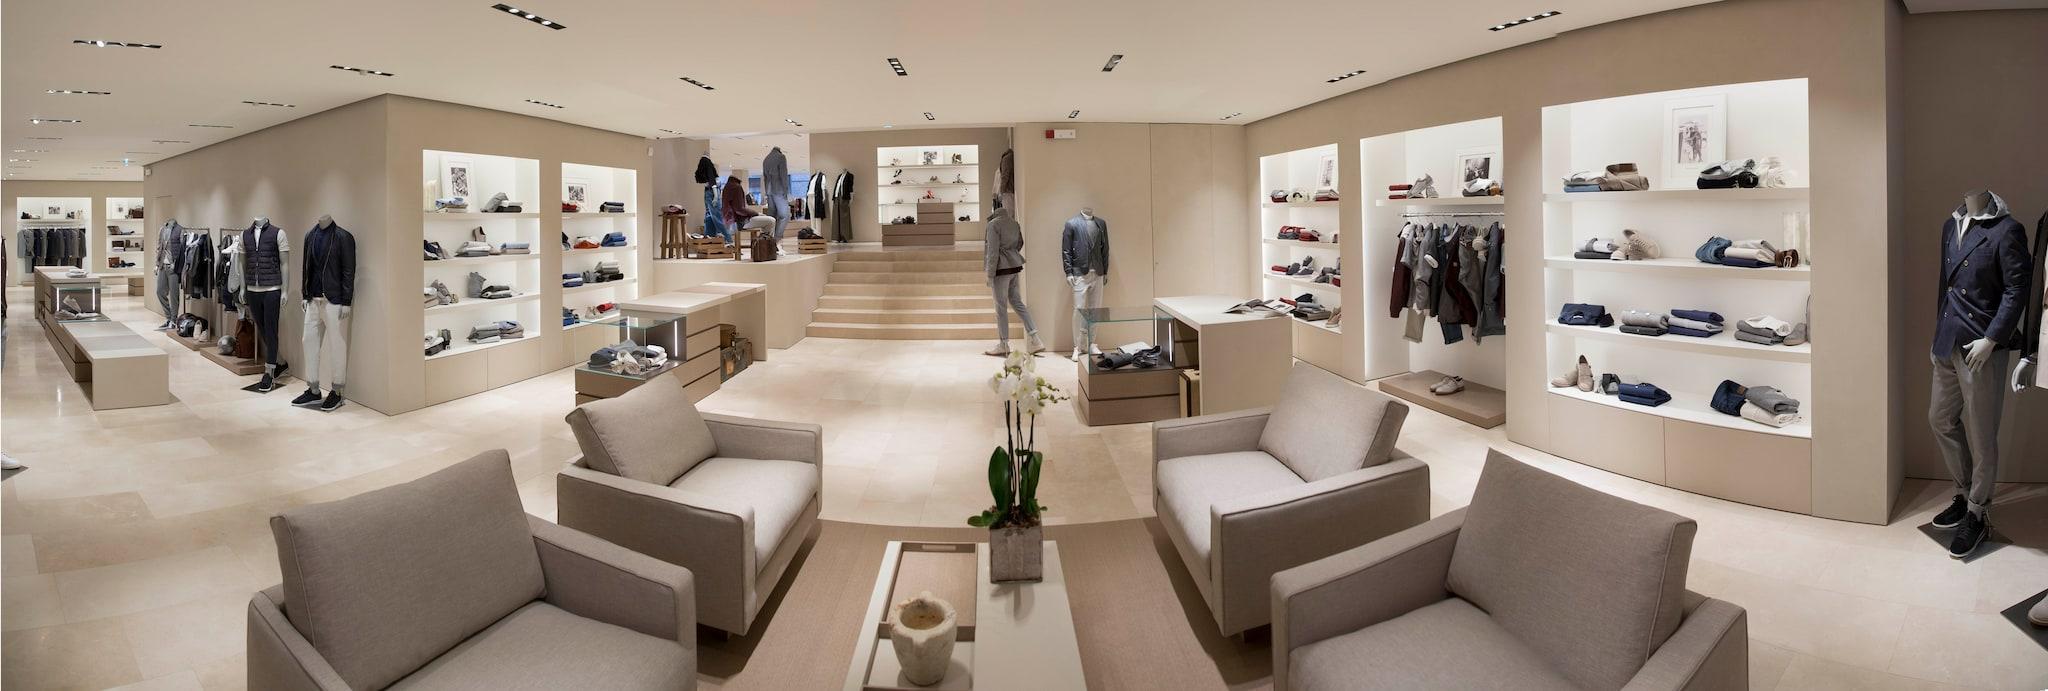 Brunello Cucinelli Boutique